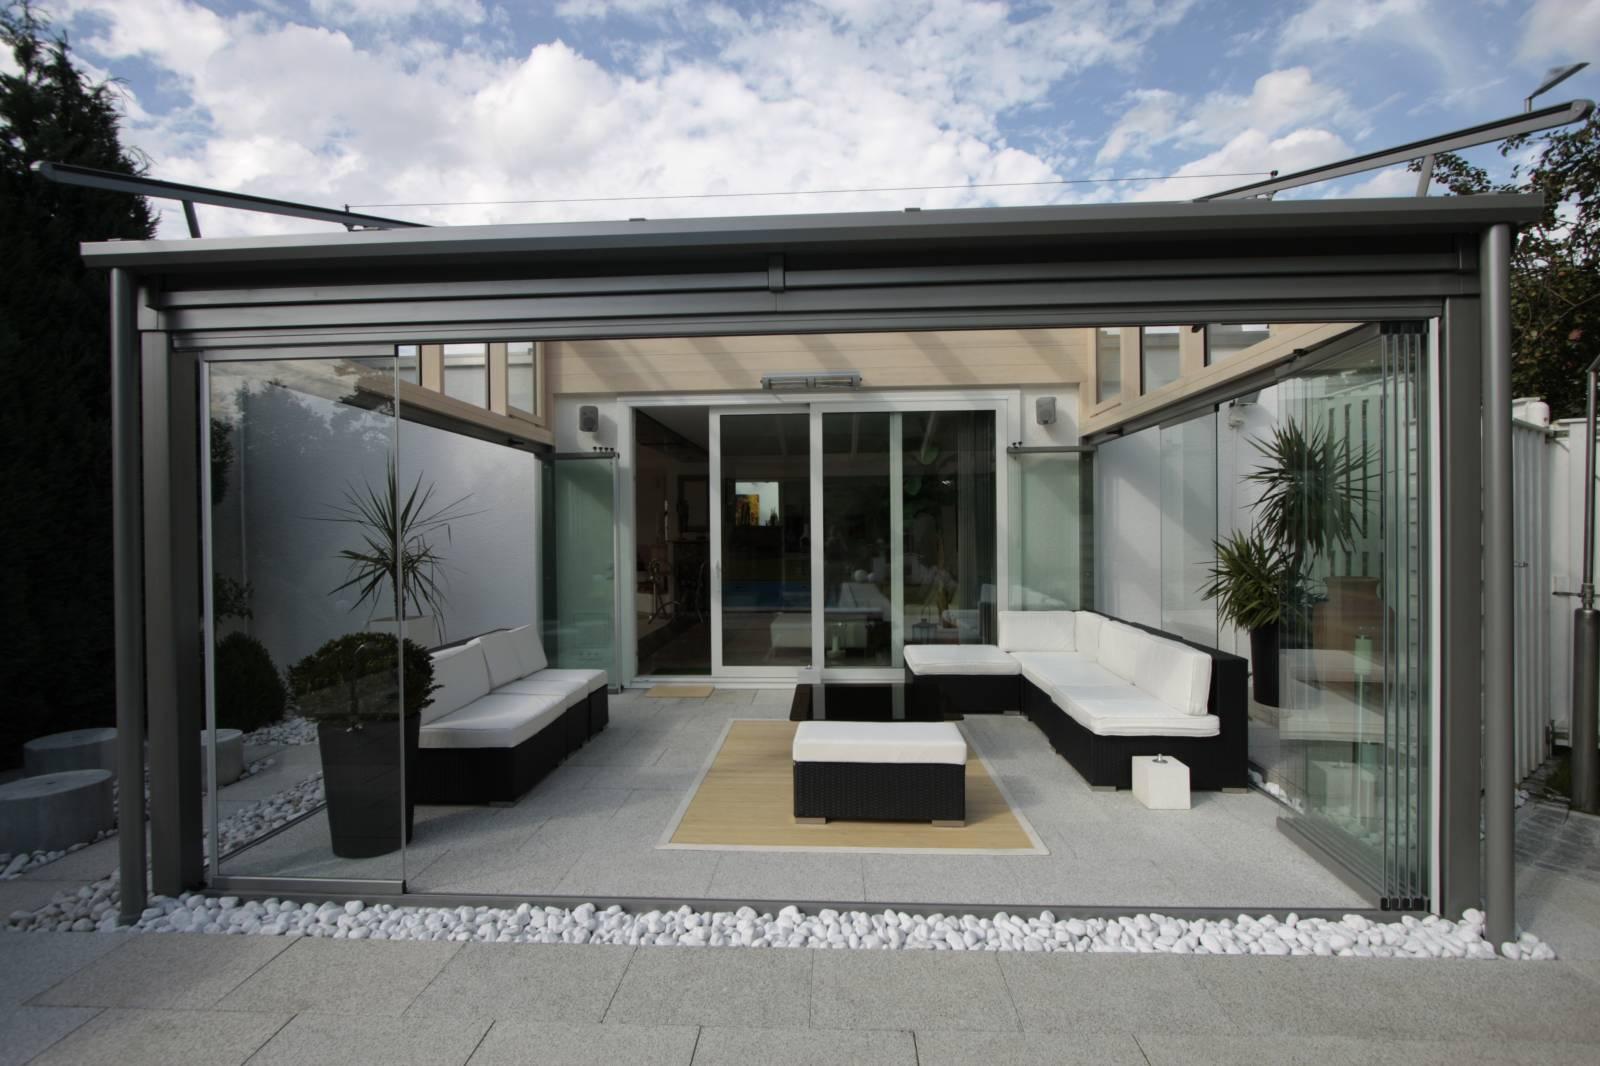 Systèmes De Fermetures Amovibles Sur Mesure Pour Terrasses ... destiné Photo Fermer Une Terrasse Couverte